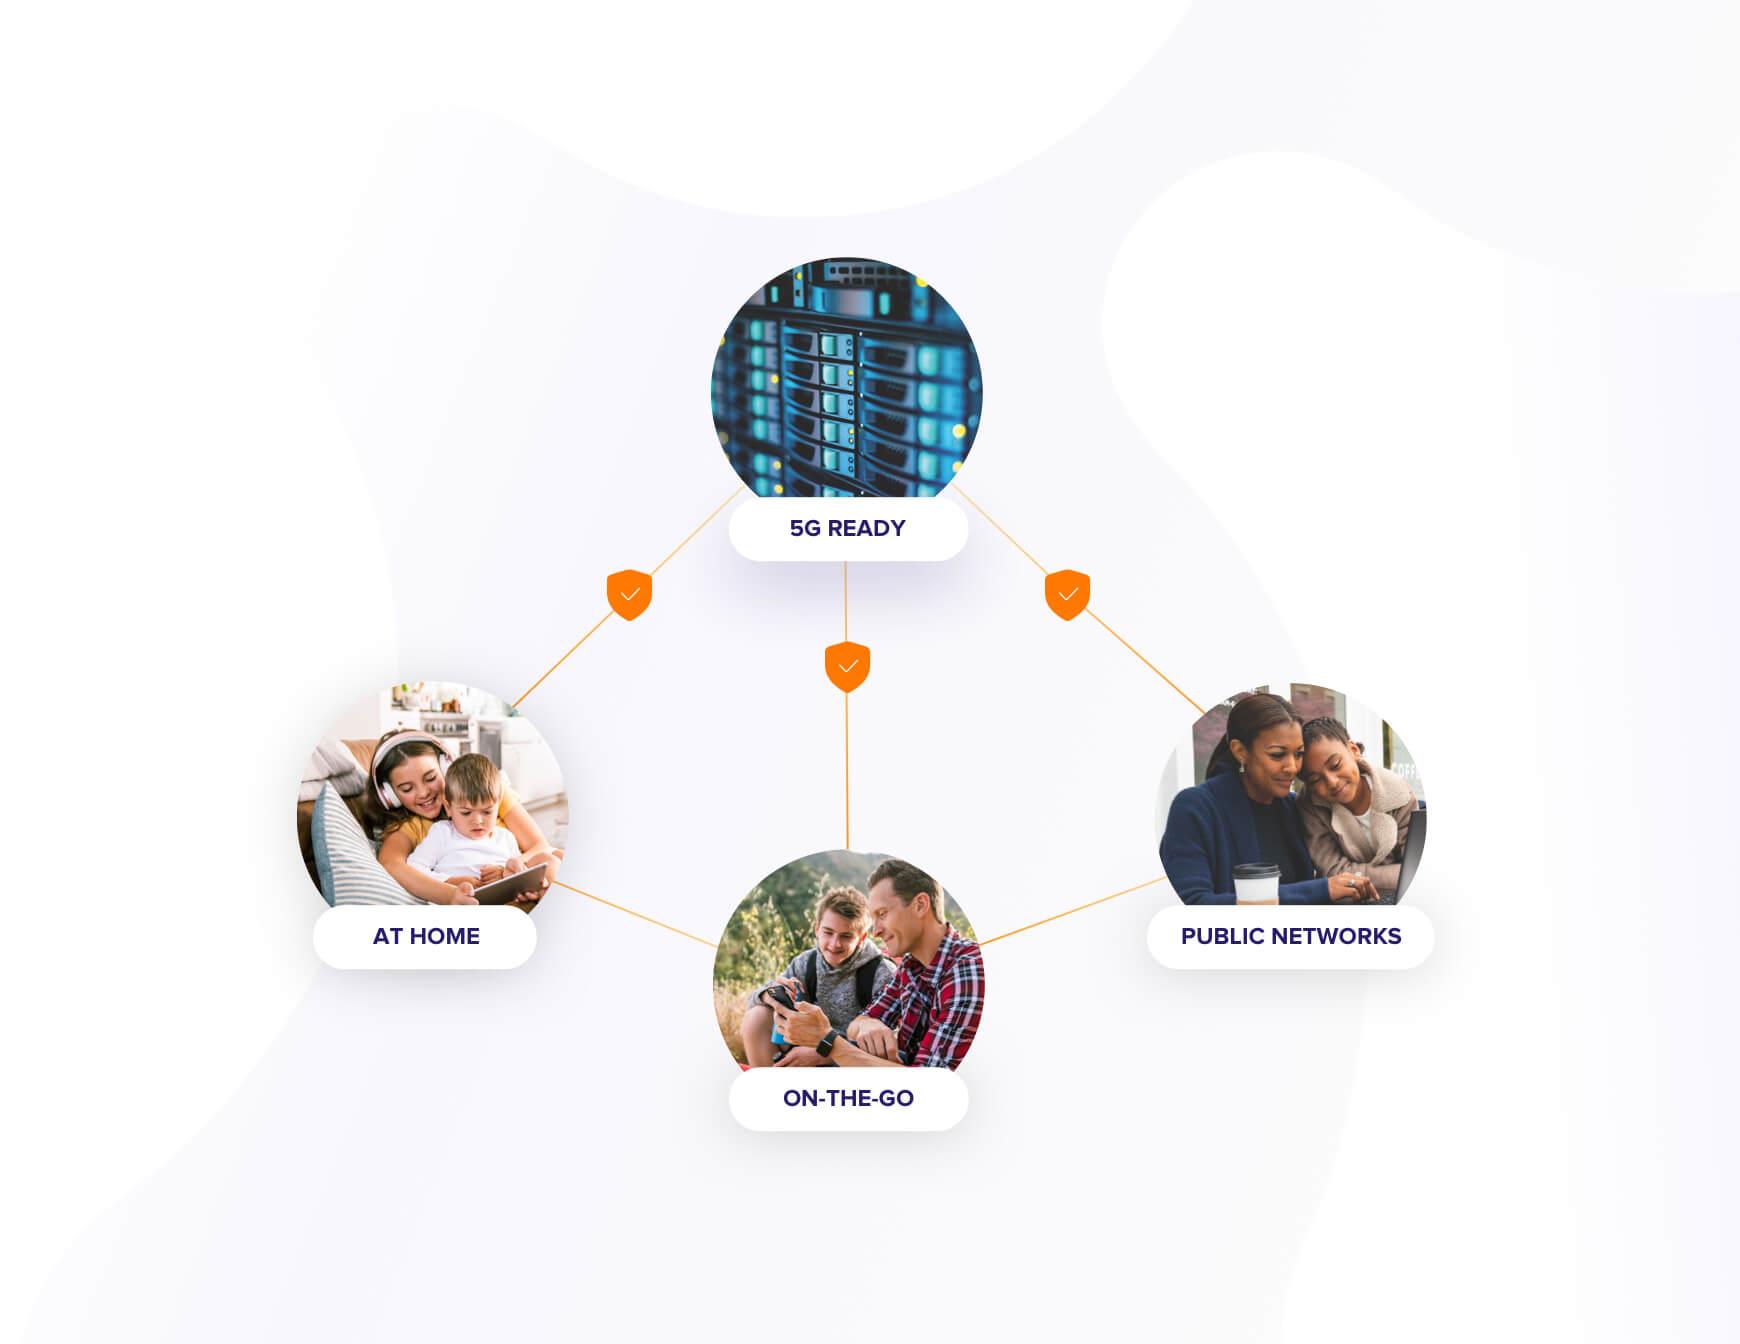 Комплексні пропозиції для повного захисту цифрового життя ваших клієнтів